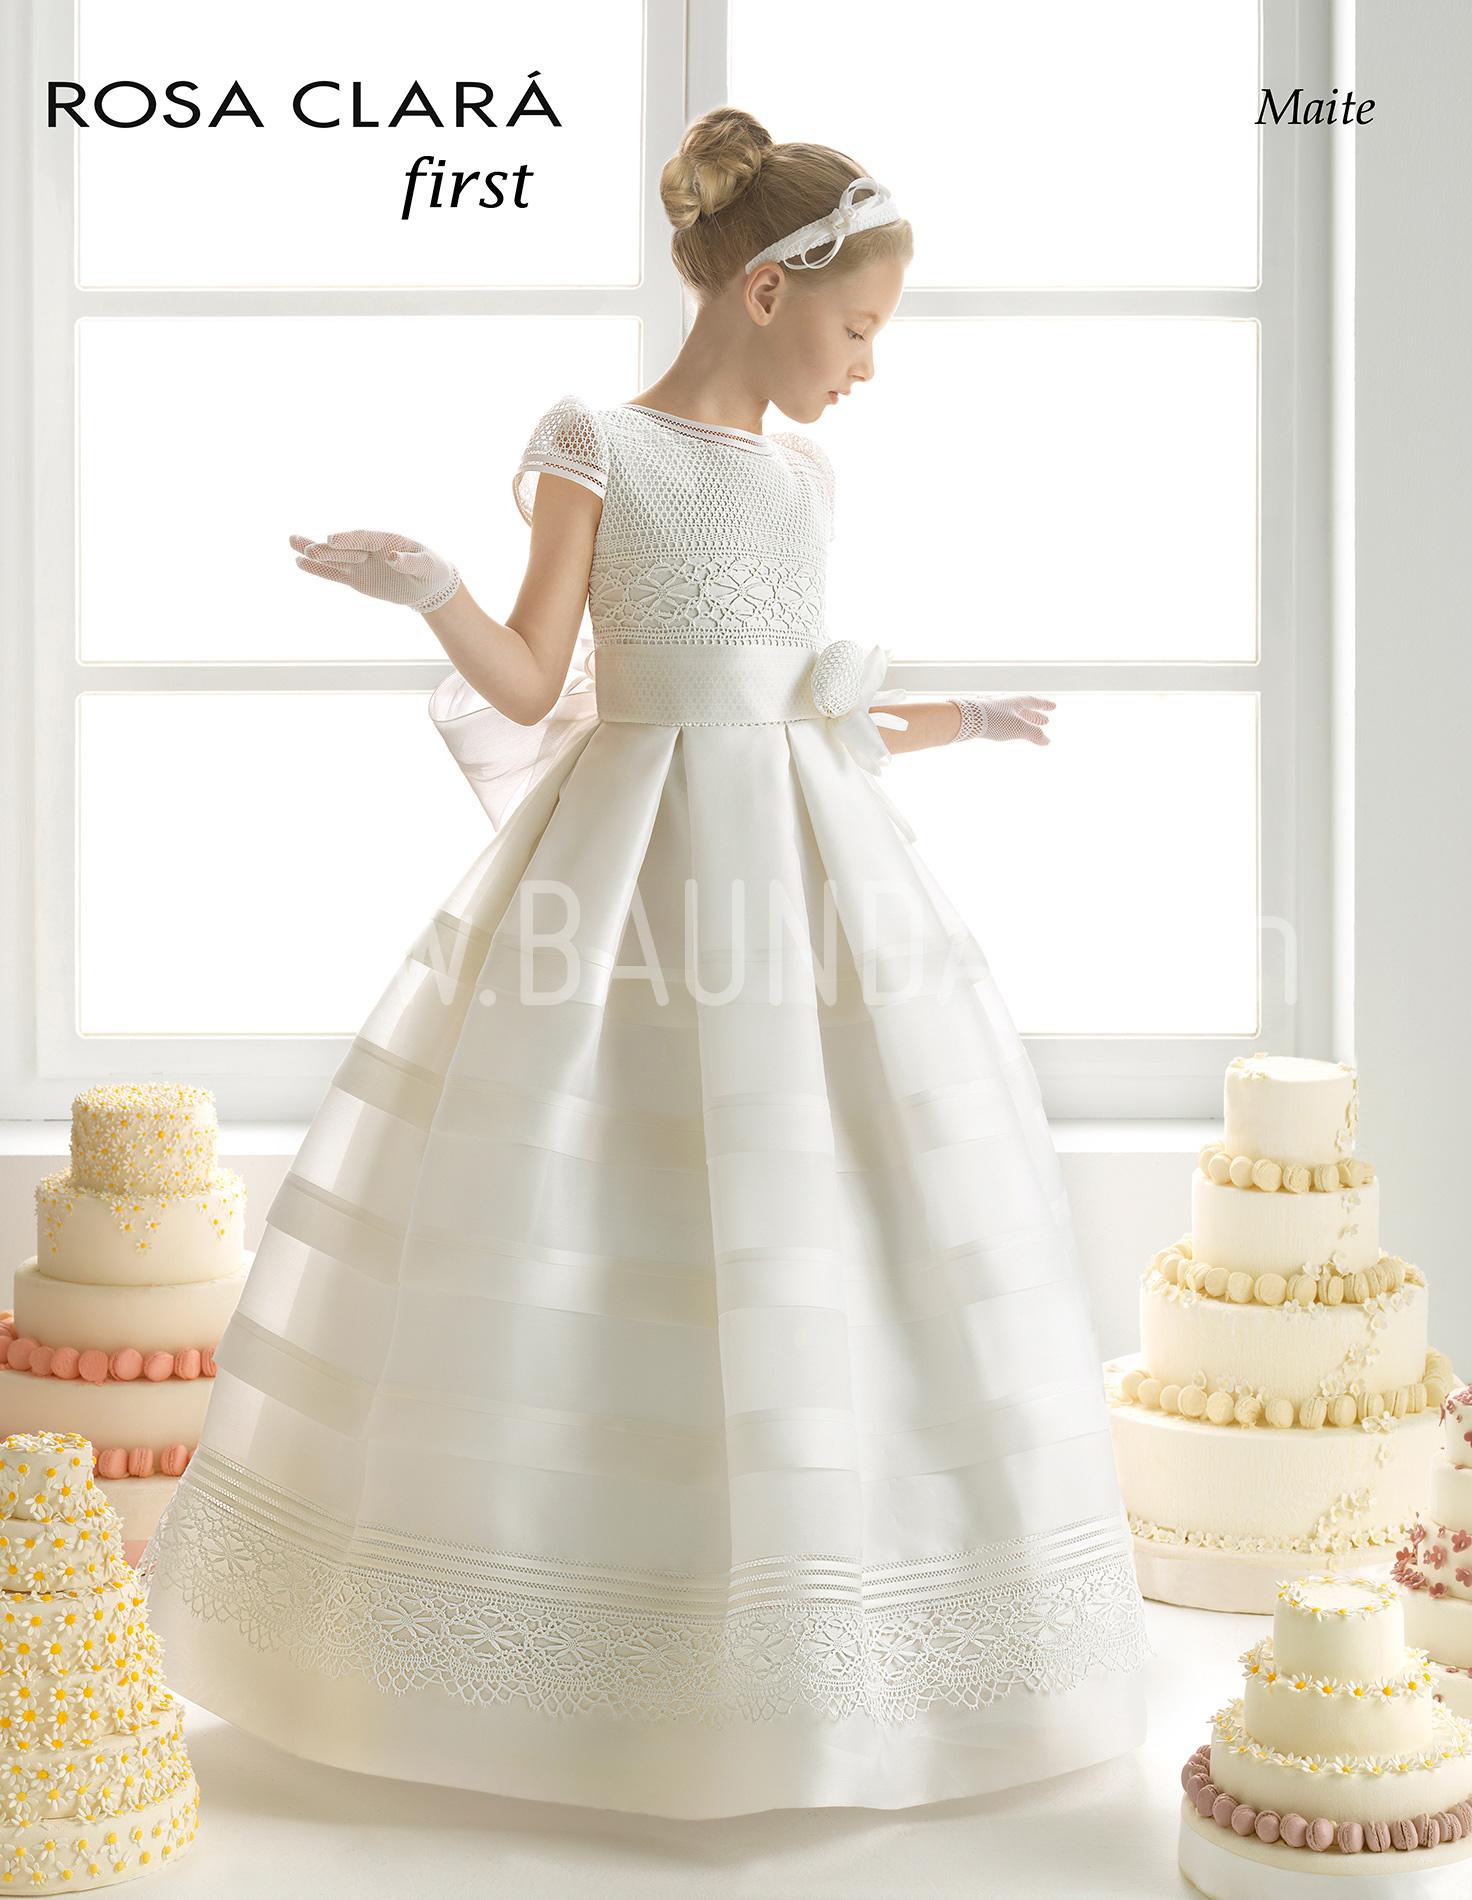 Трахается в бальном платье 4 фотография